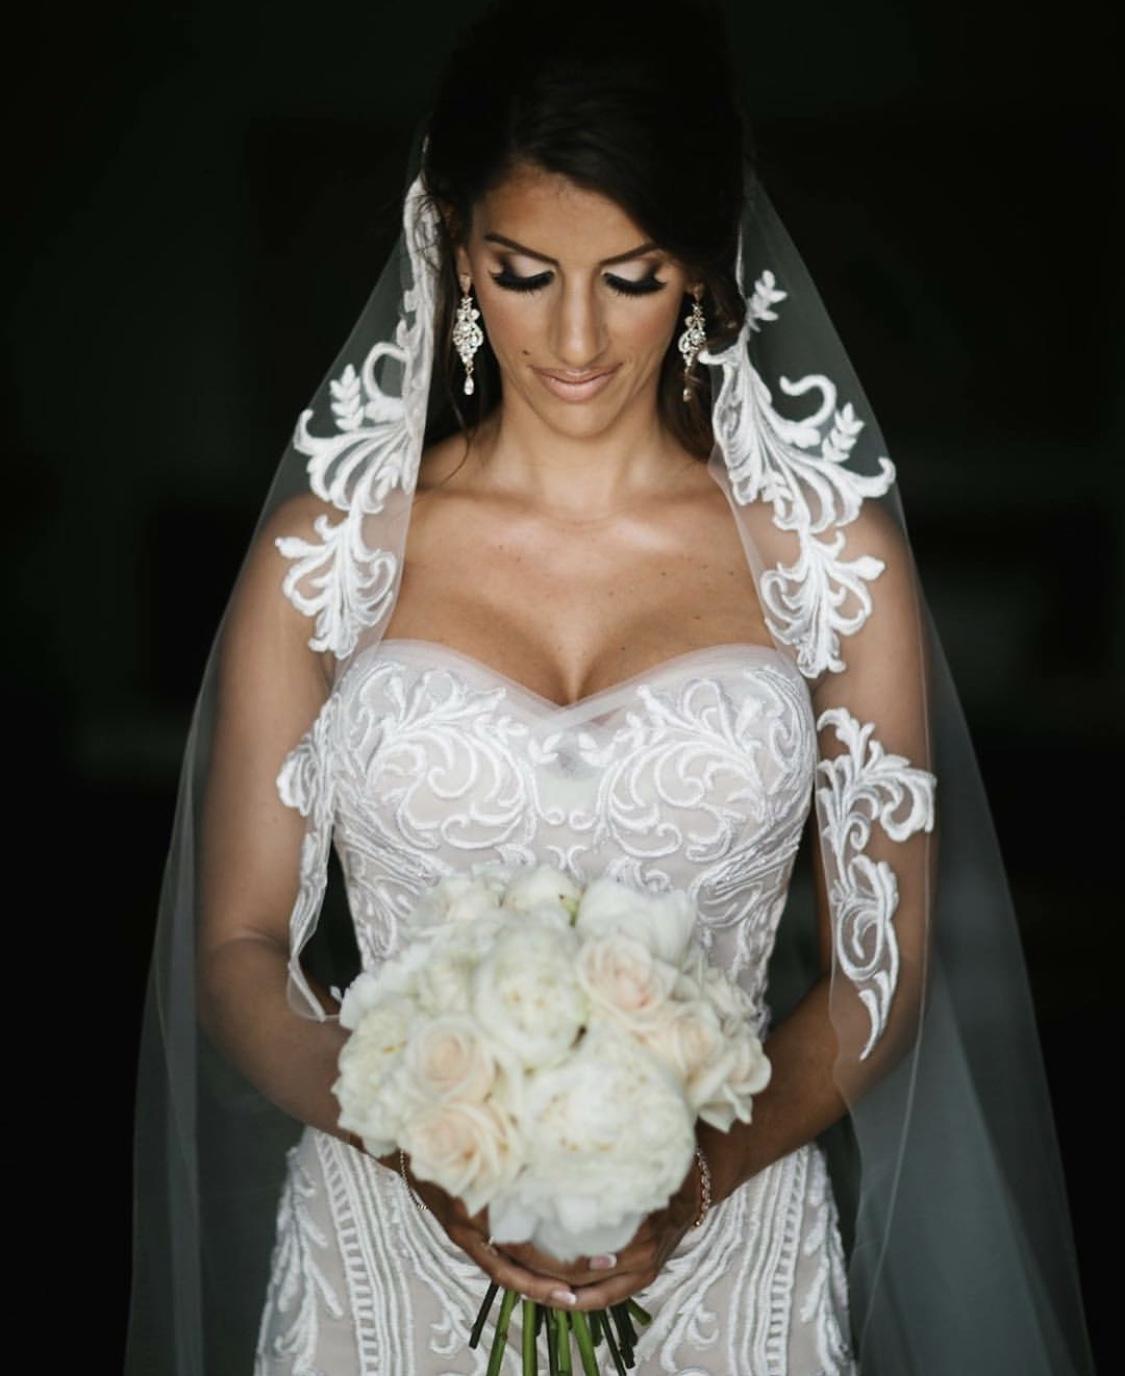 Bridal makeup artist - Malta